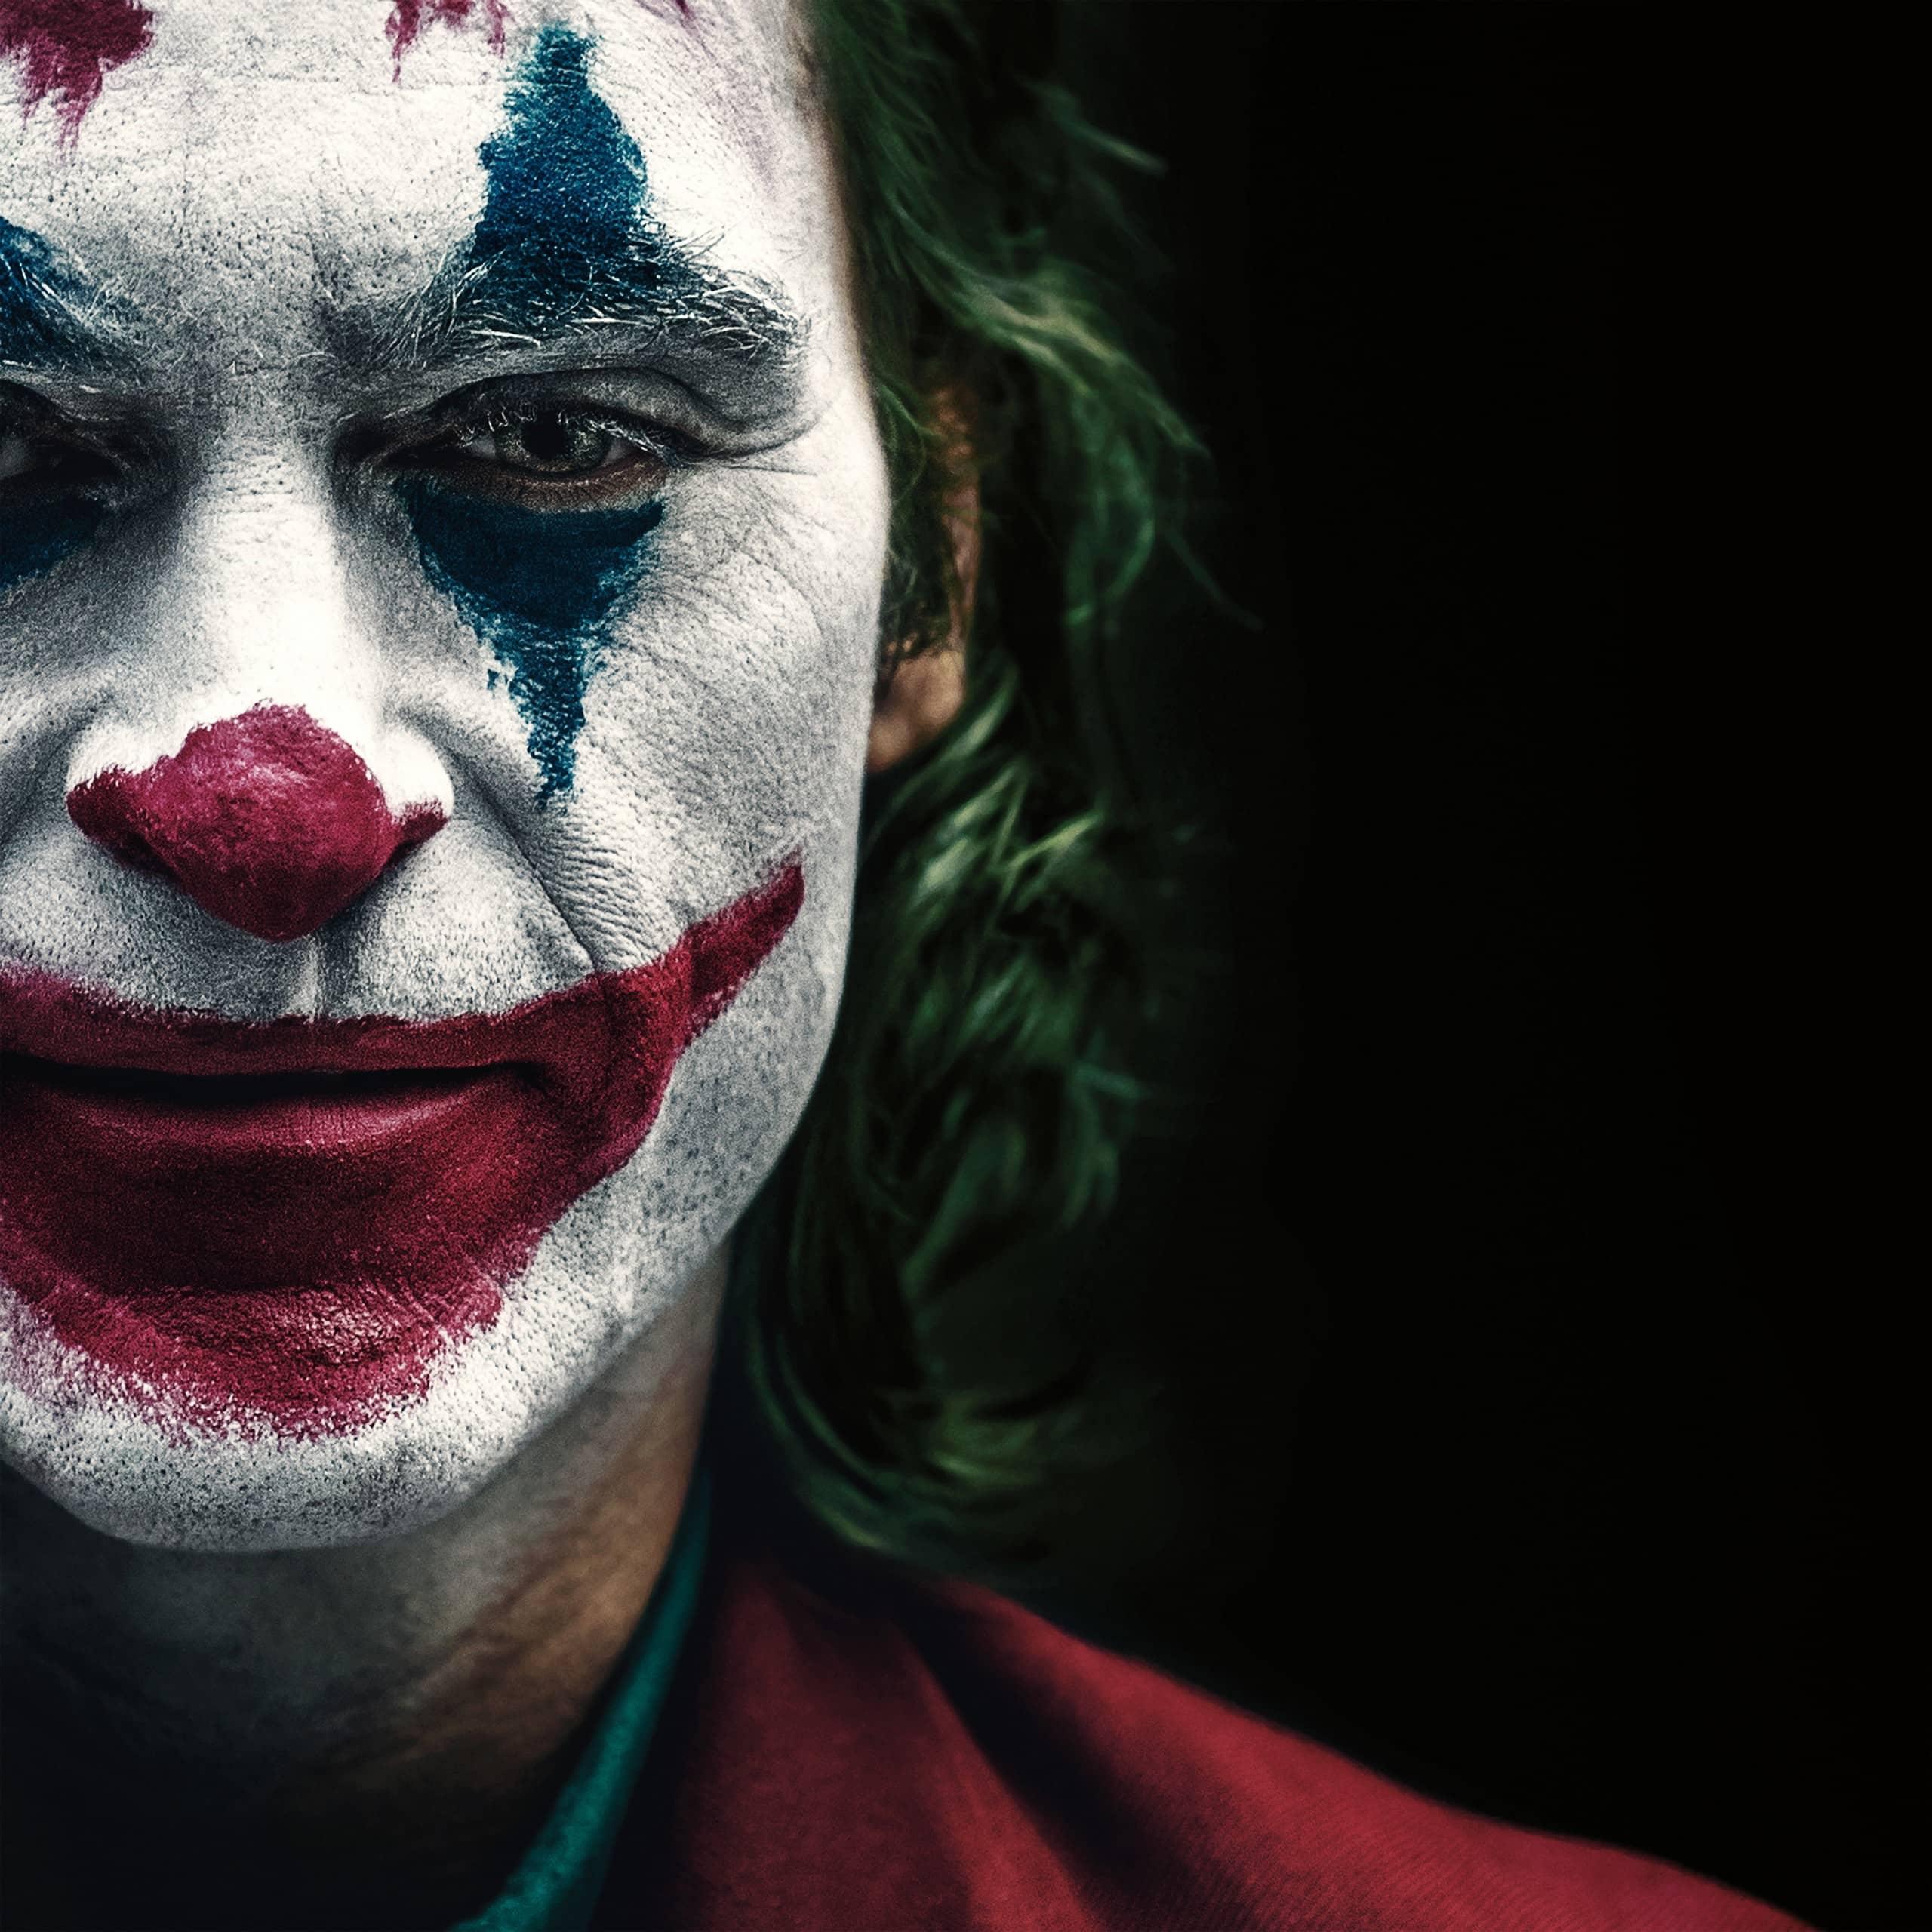 joker 2560x2560 joaquin phoenix 2019 4k 8k 18838 The 20 Biggest Ways Joker Breaks the Superhero Mold